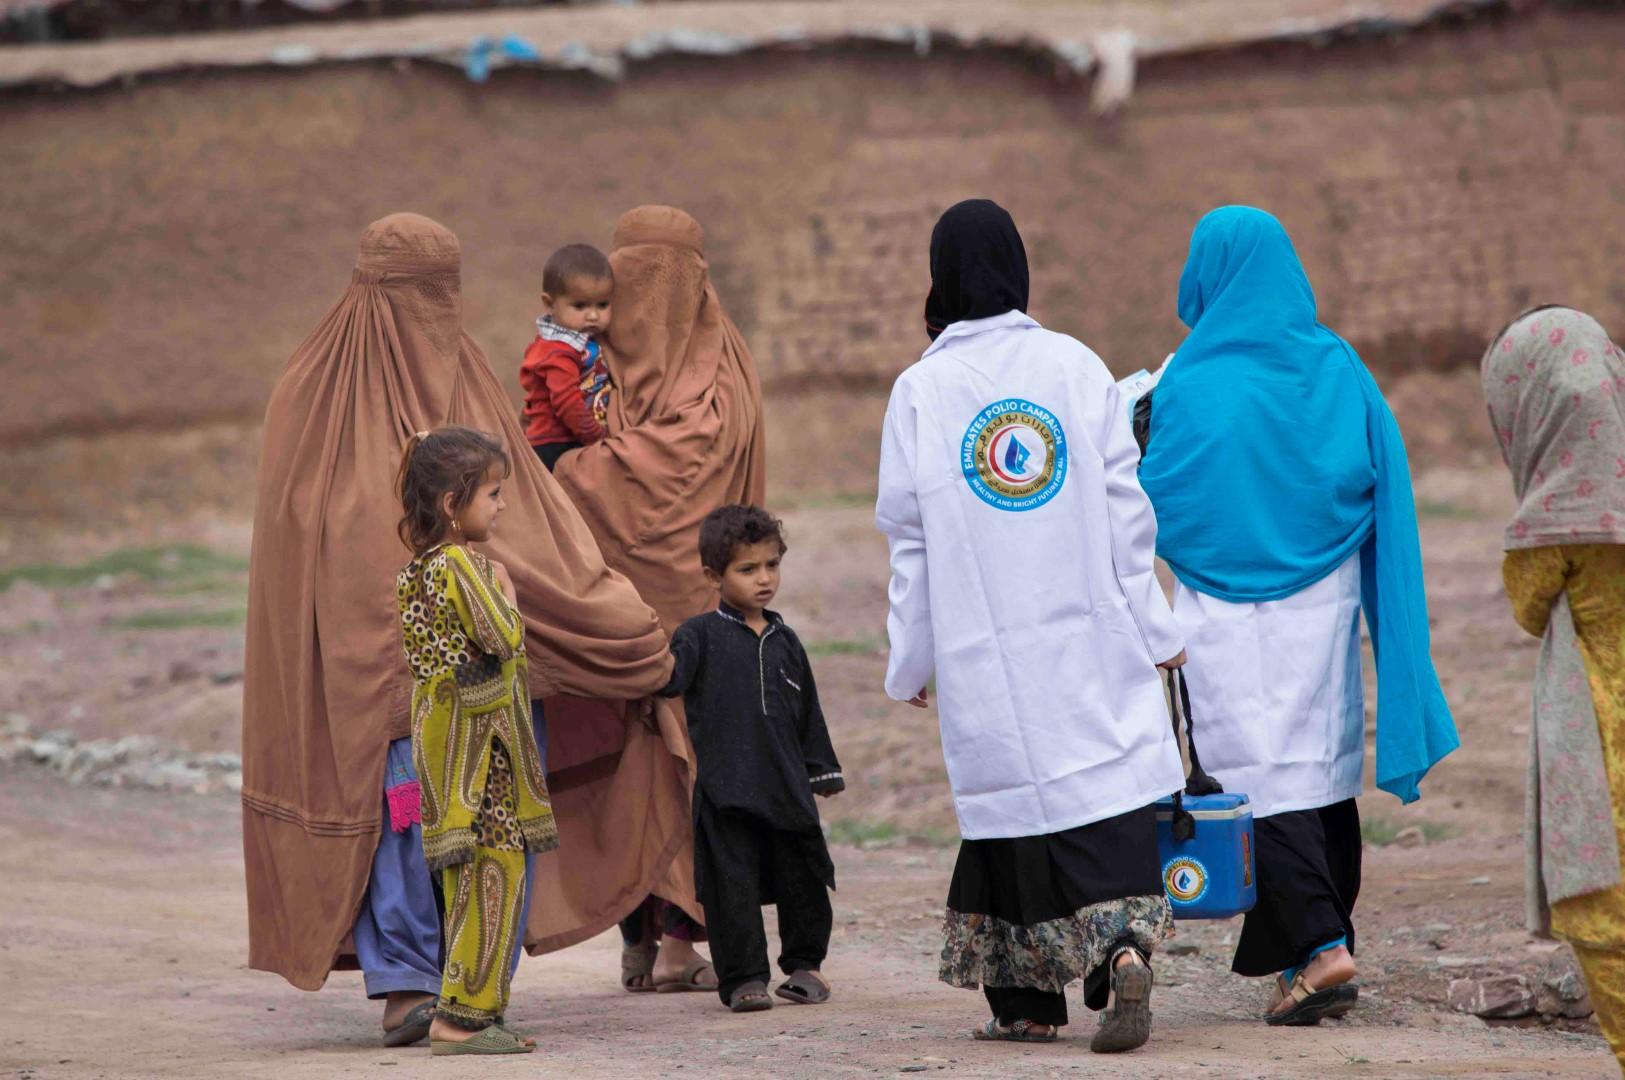 بتوجيهات رئيس الدولة .. أكثر من 43 مليون طفل باكستاني حصلوا على ربع مليار جرعة تطعيم ضد شلل الأطفال. 2